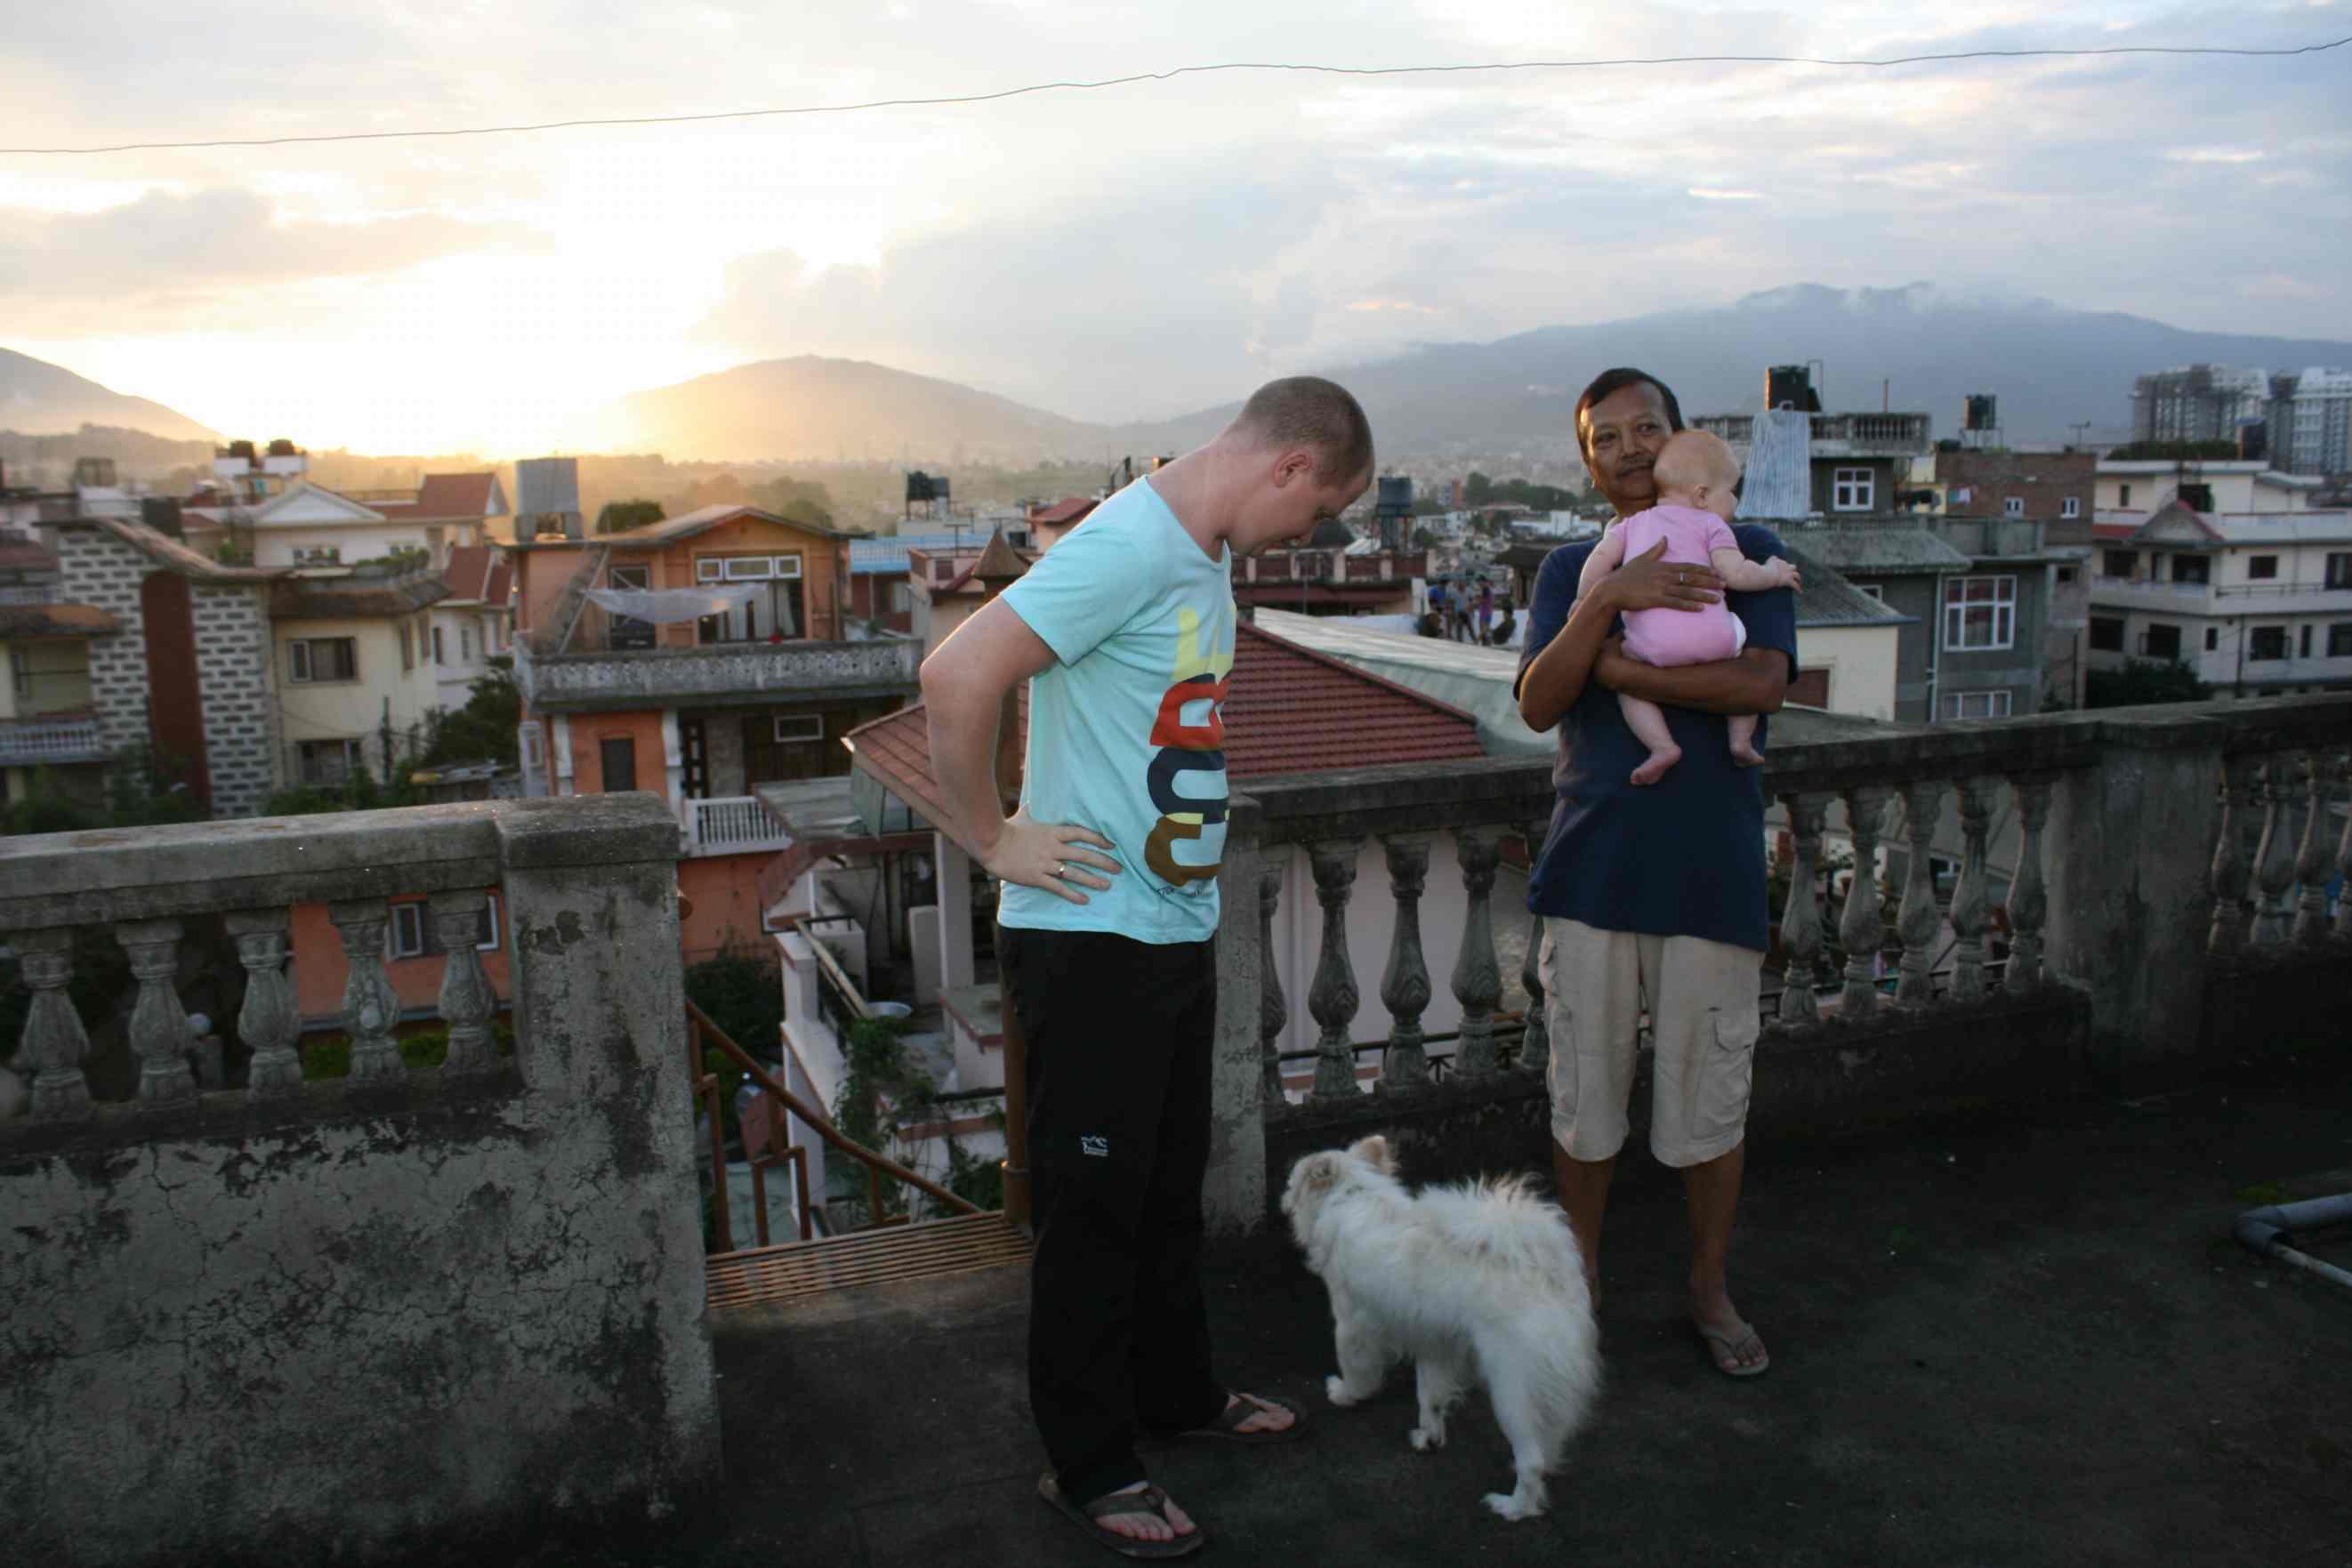 Klaas, onze huisbaas, hondje Loi en Maya op het dak